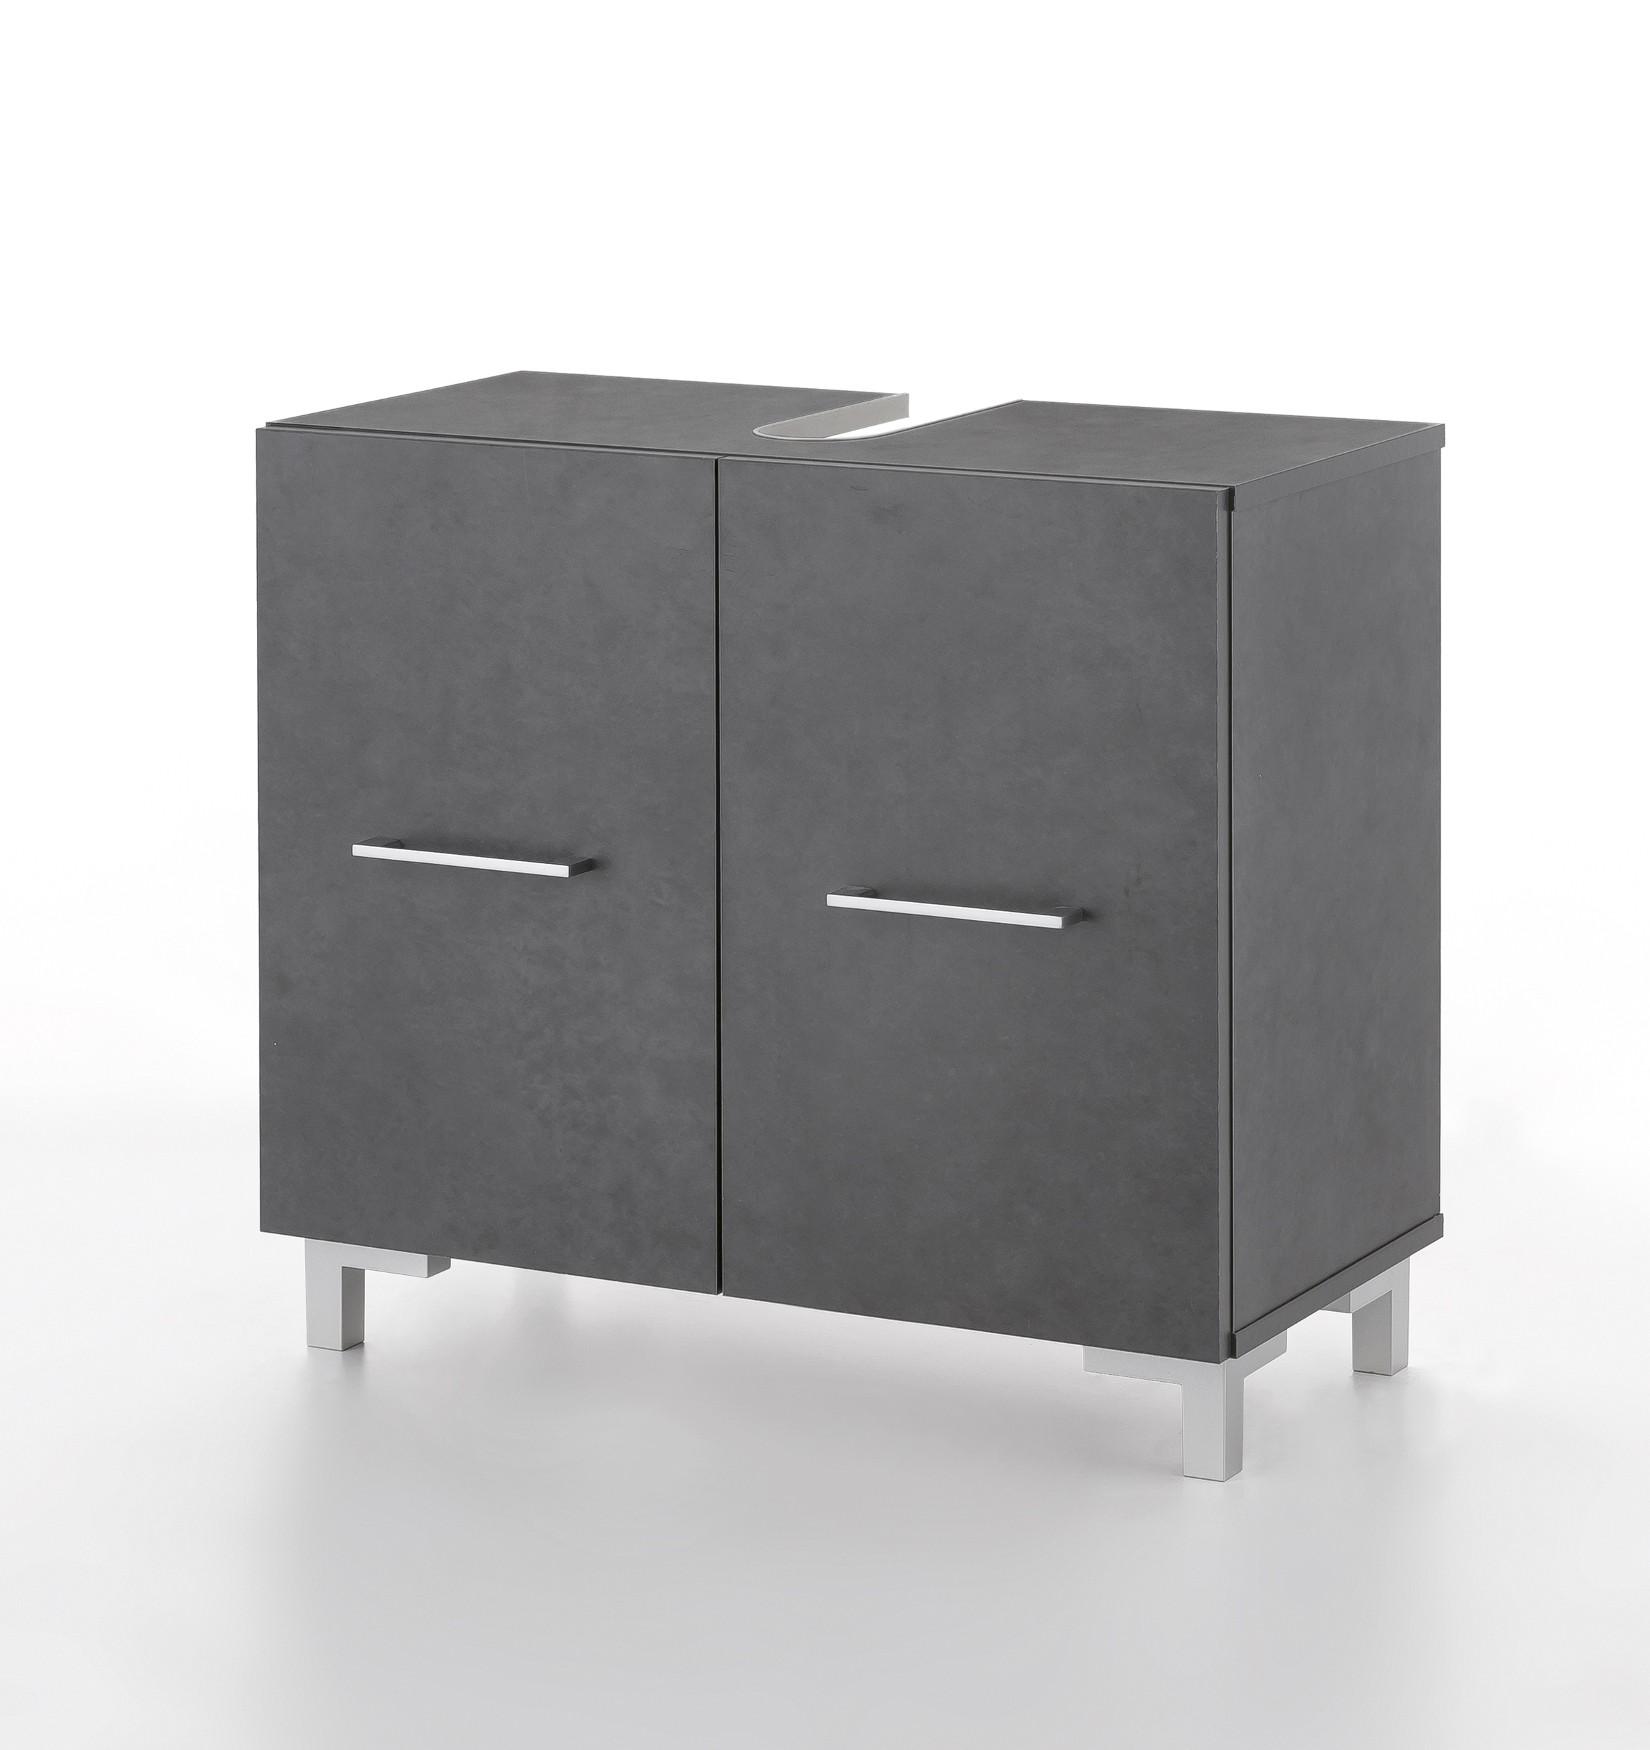 bad waschbeckenunterschrank ulm 2 t rig 65 cm breit. Black Bedroom Furniture Sets. Home Design Ideas